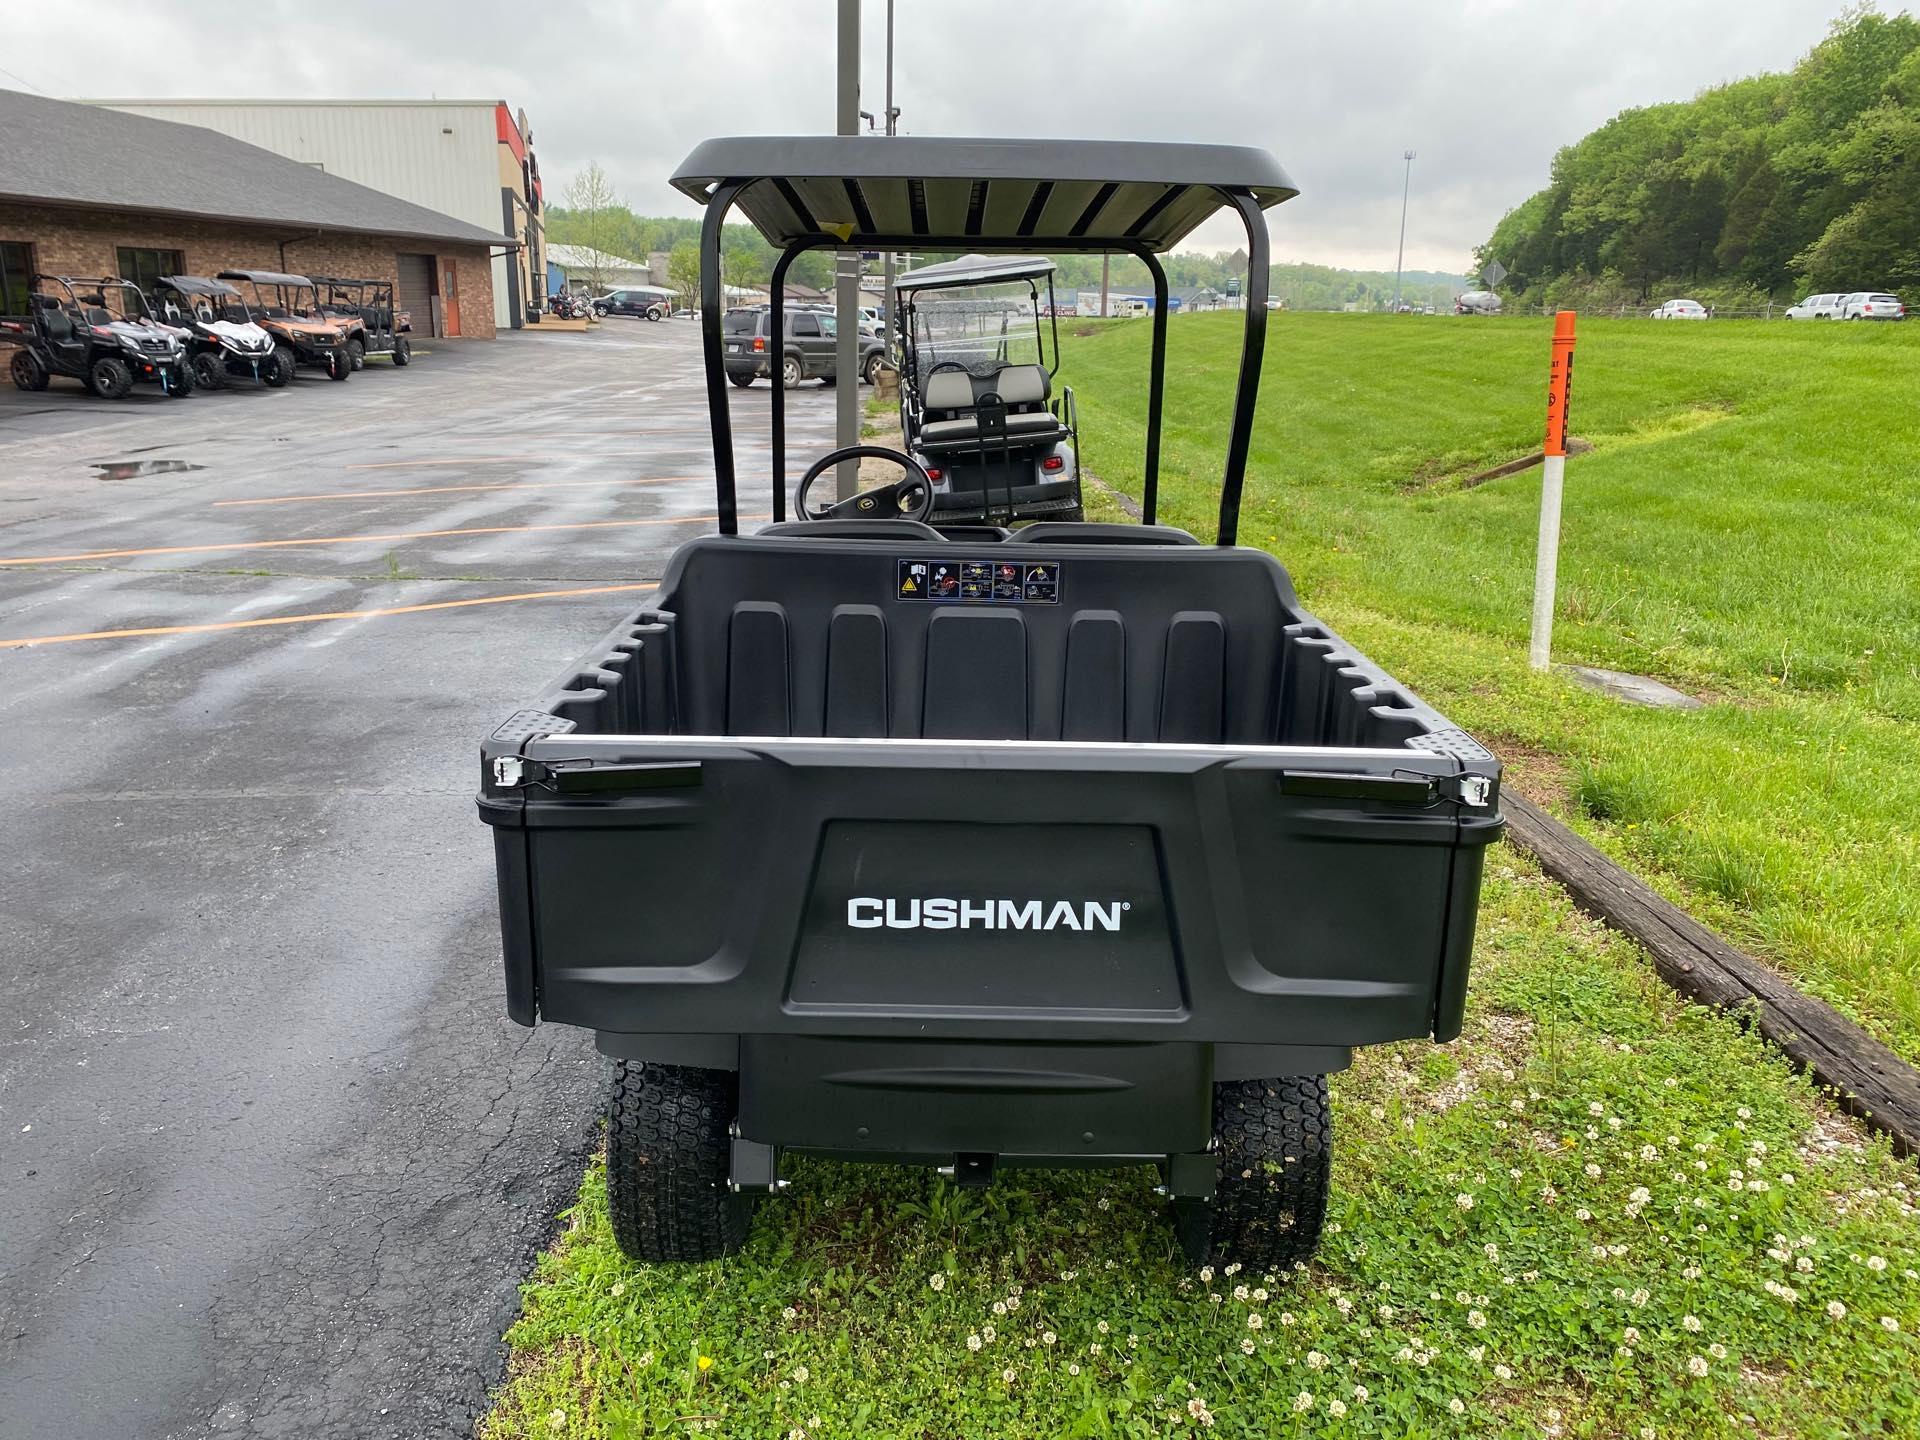 2021 CUSHMAN HAULER 1200X at Gold Star Outdoors